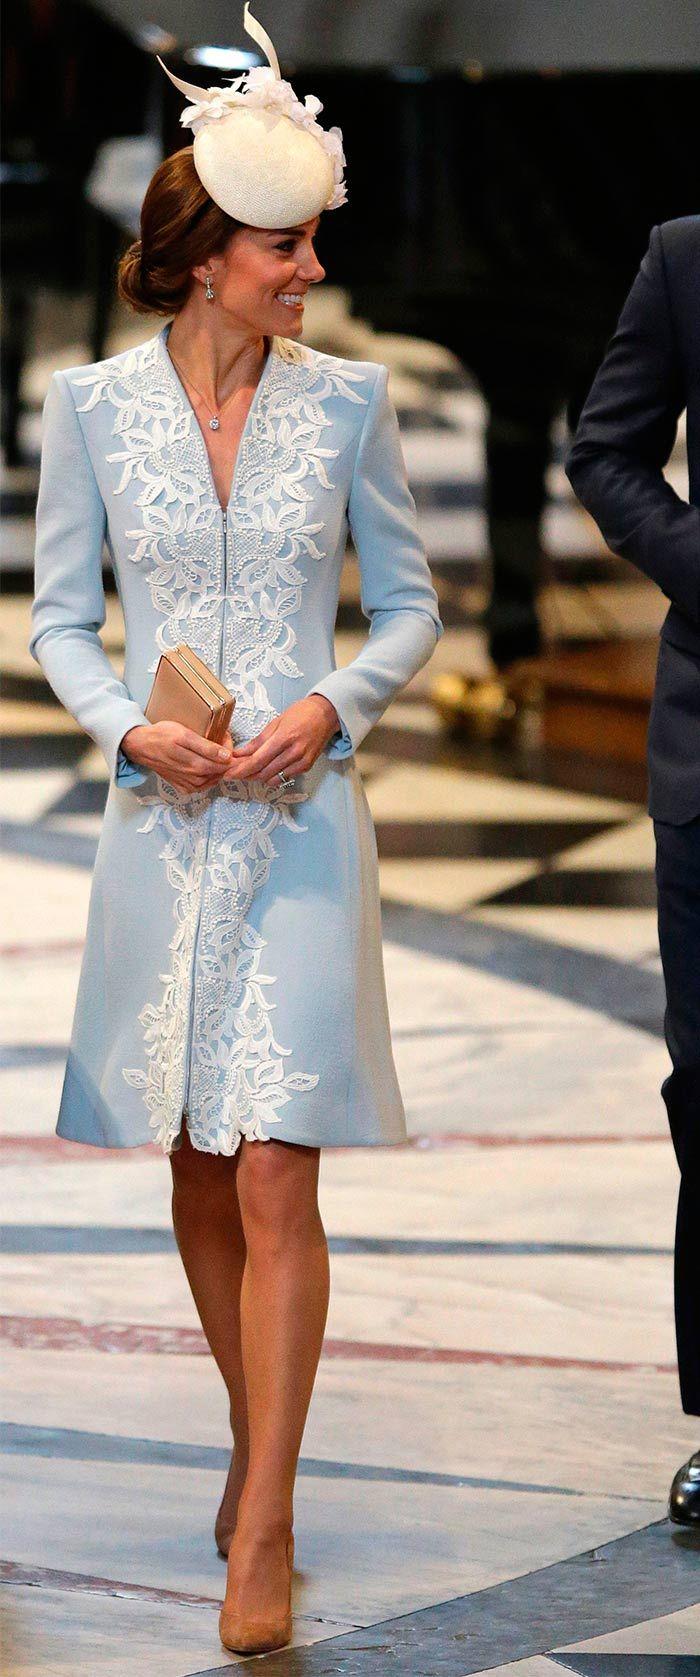 Desfile de glamour 'British' en el servicio de cumpleaños de la Reina Isabel